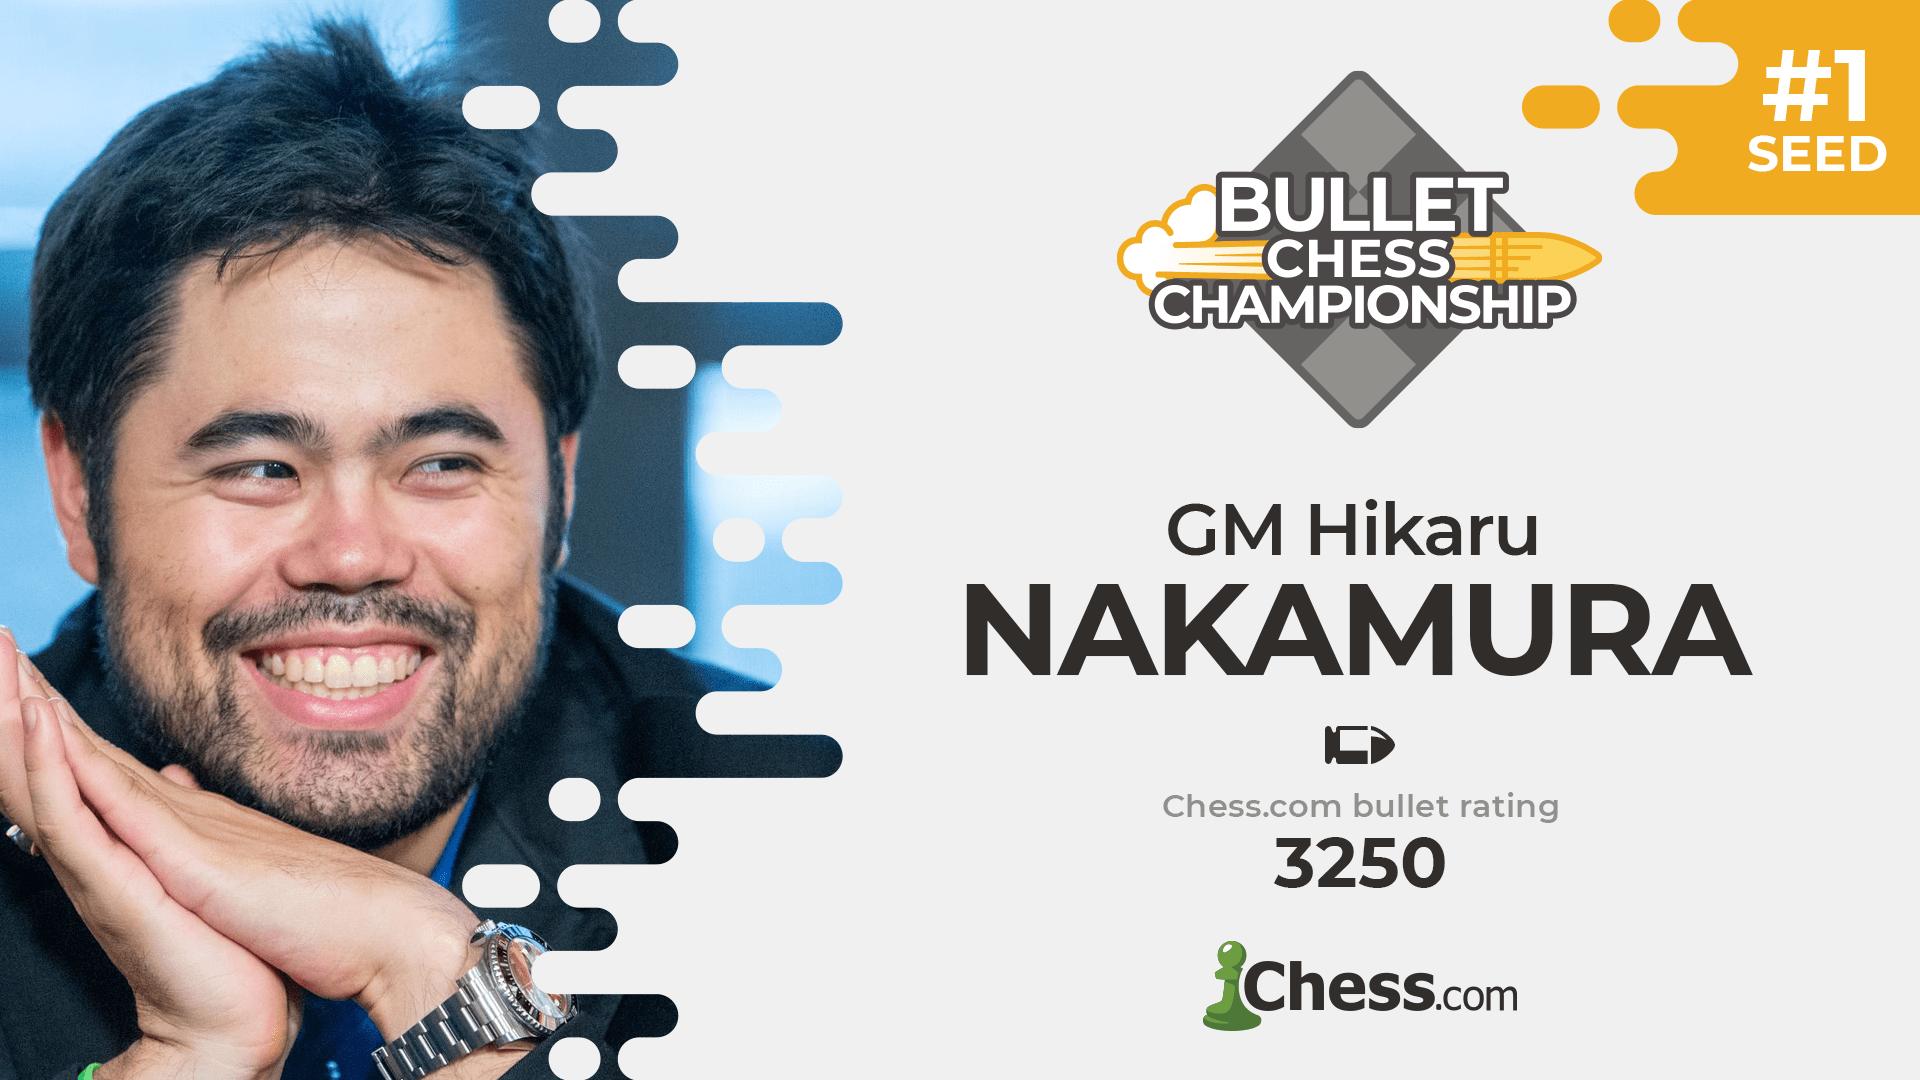 Hikaru Nakamura Chess.com World Bullet Chess Championship